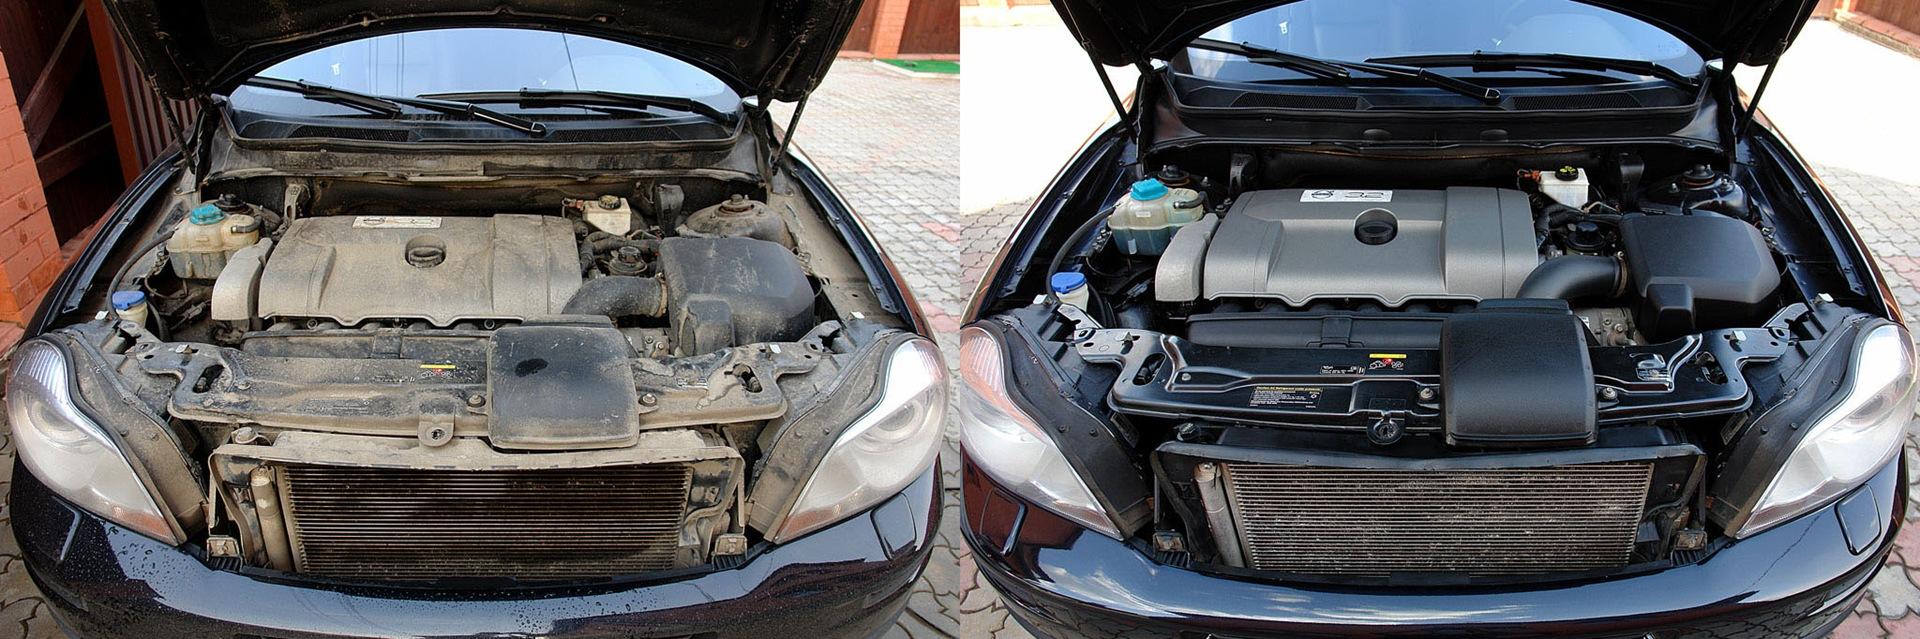 Как мыть двигатель, чтобы не залить проводку?